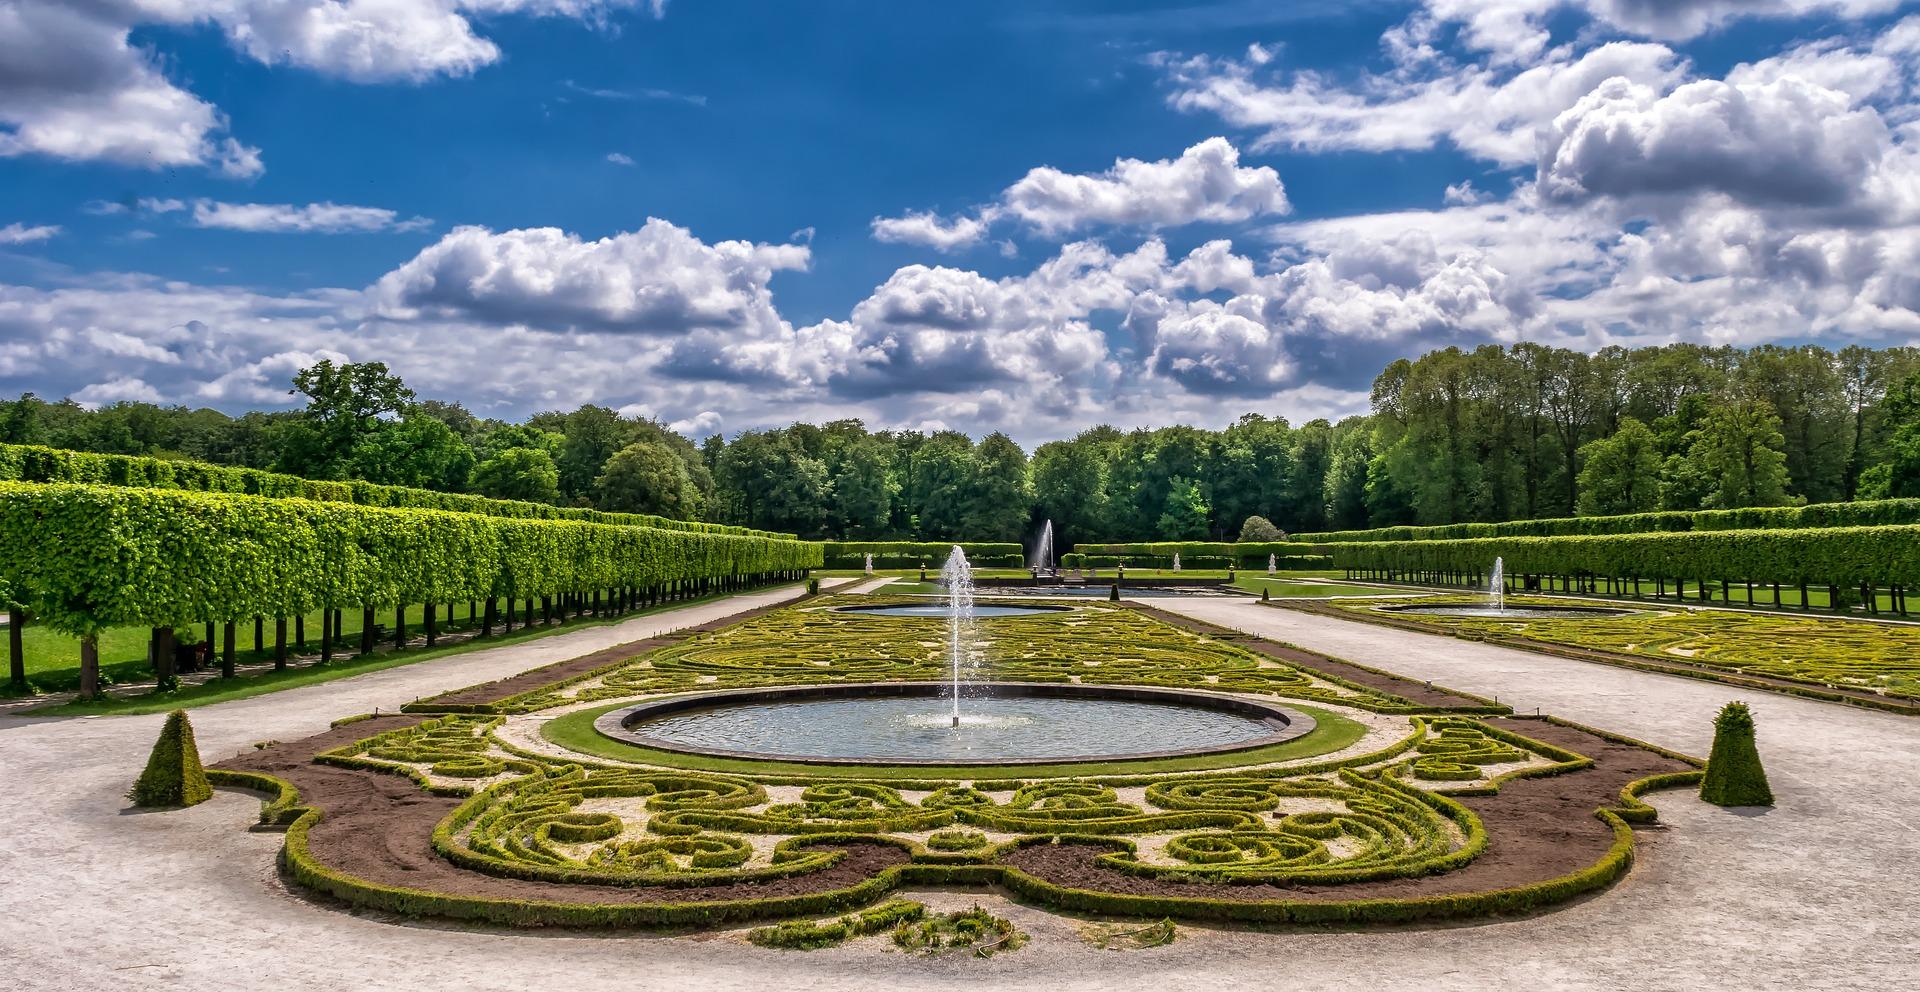 Viele Möglichkeiten für die Gartengestaltung auf baumarktblog24.de